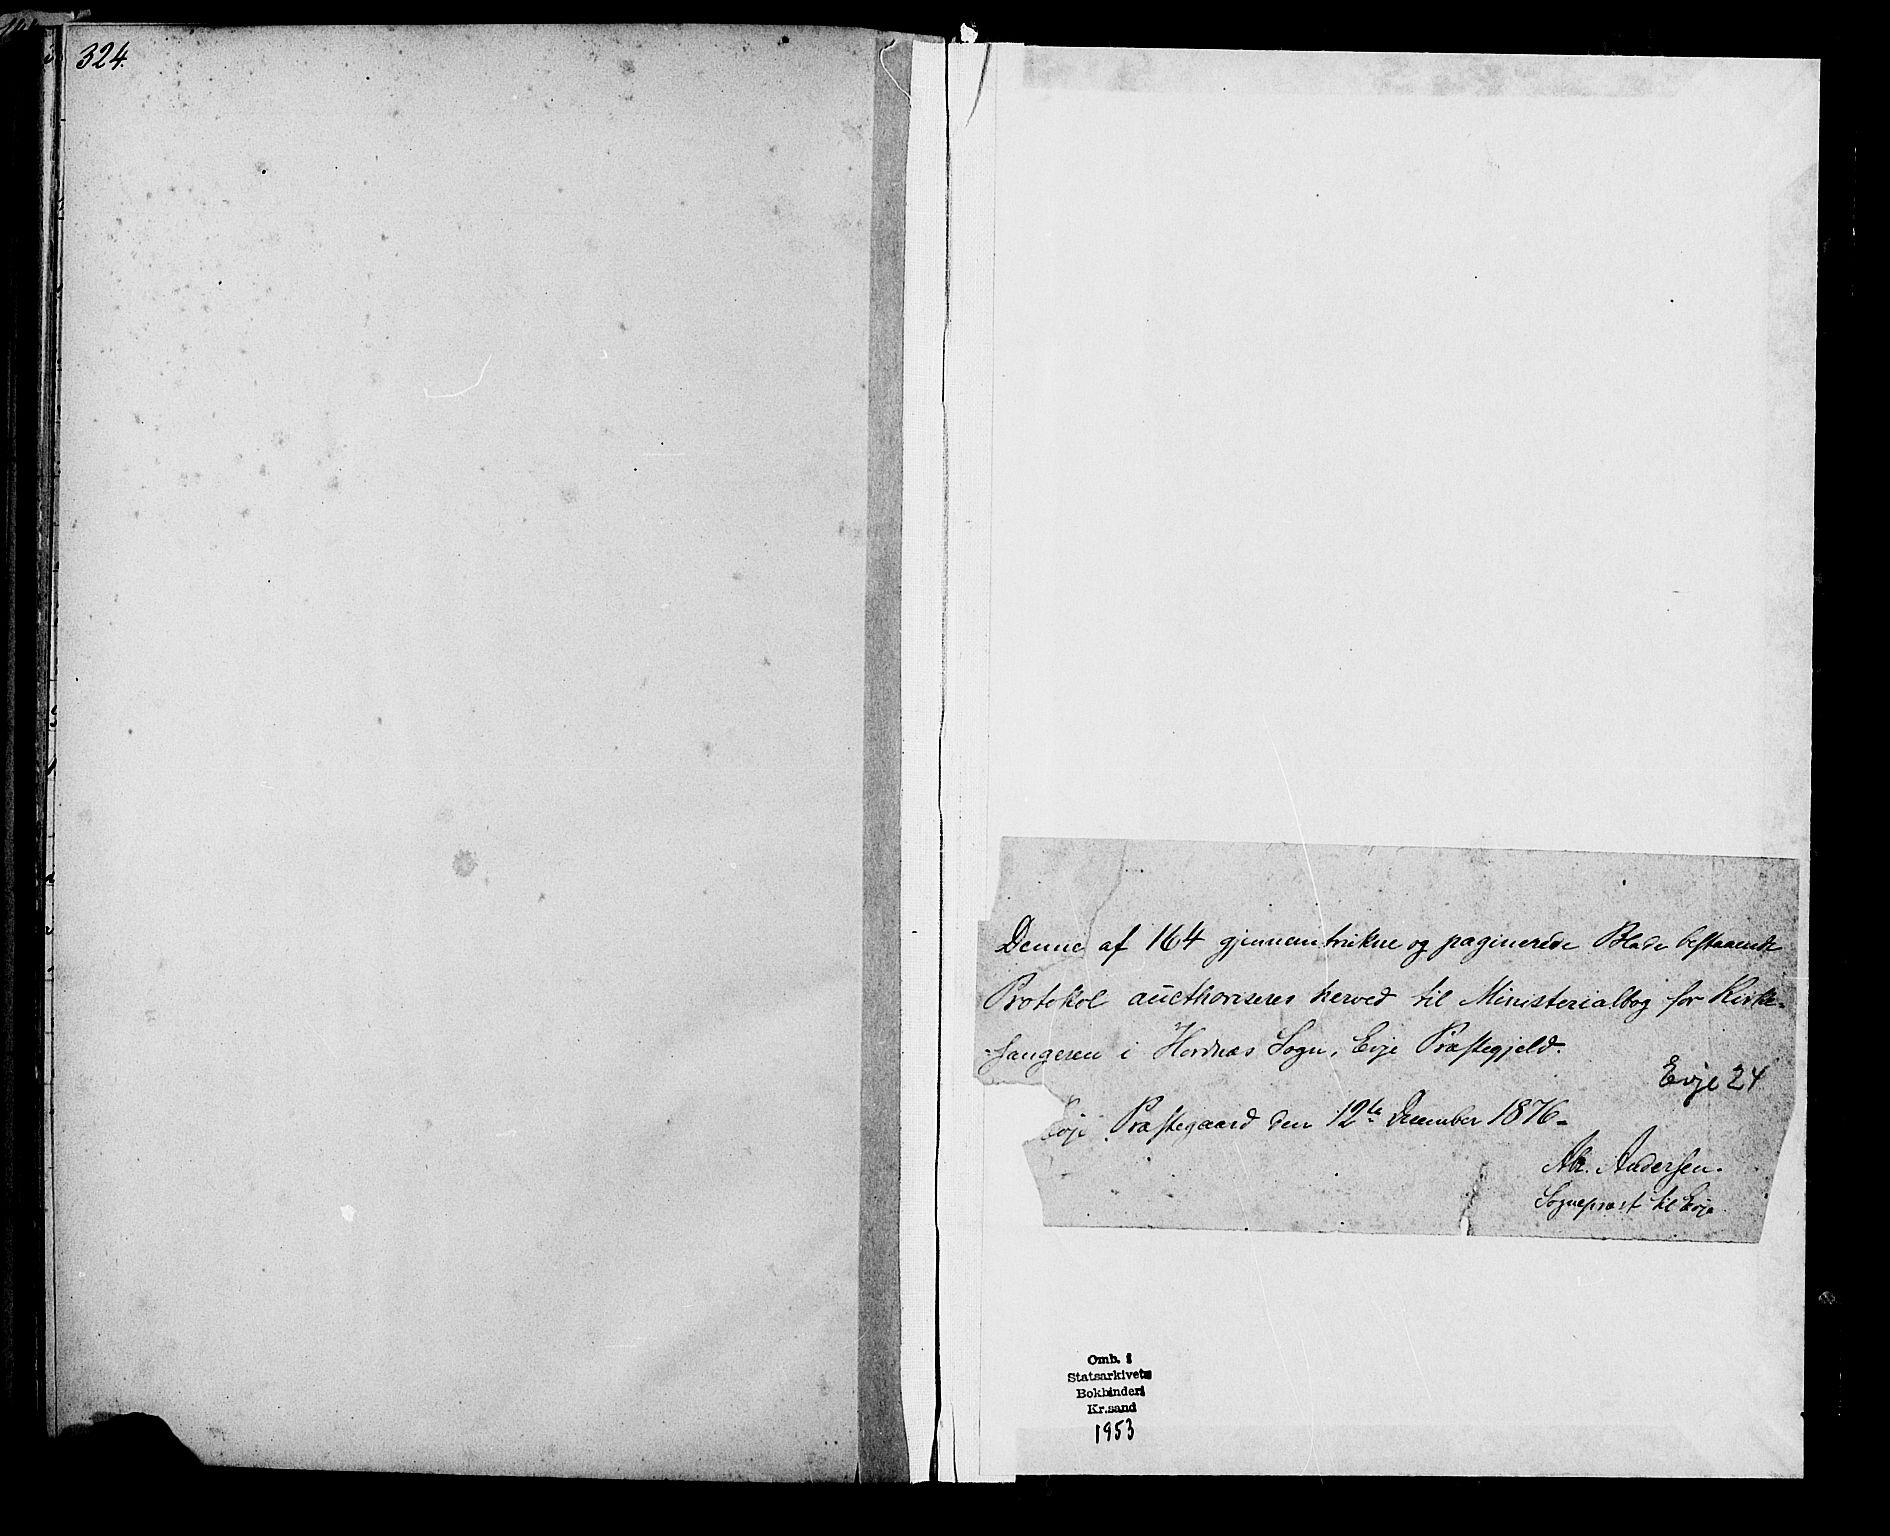 SAK, Evje sokneprestkontor, F/Fb/Fbb/L0002: Klokkerbok nr. B 2, 1879-1909, s. 324-325